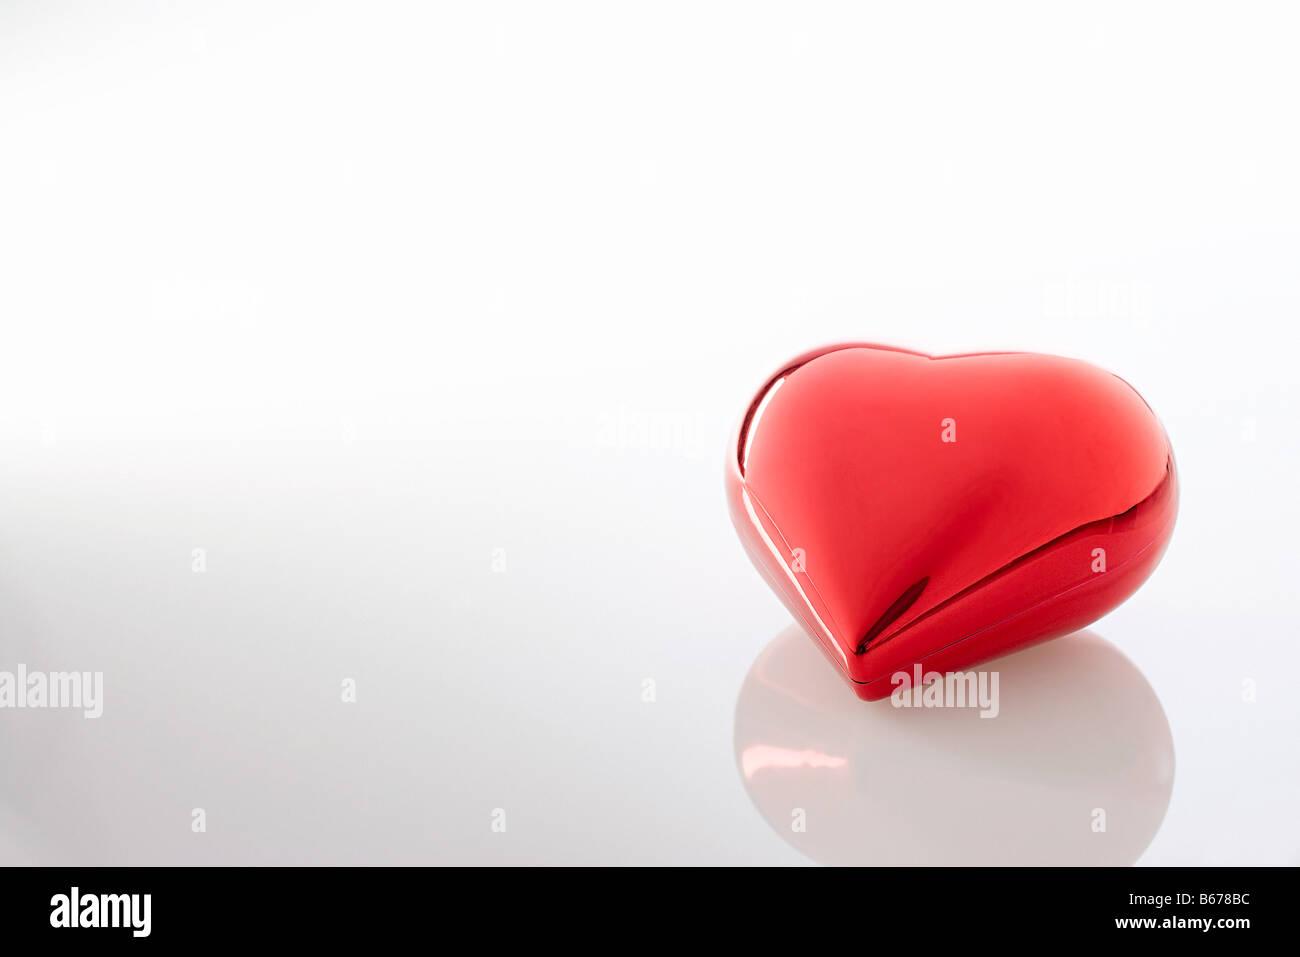 Shiny red heart - Stock Image